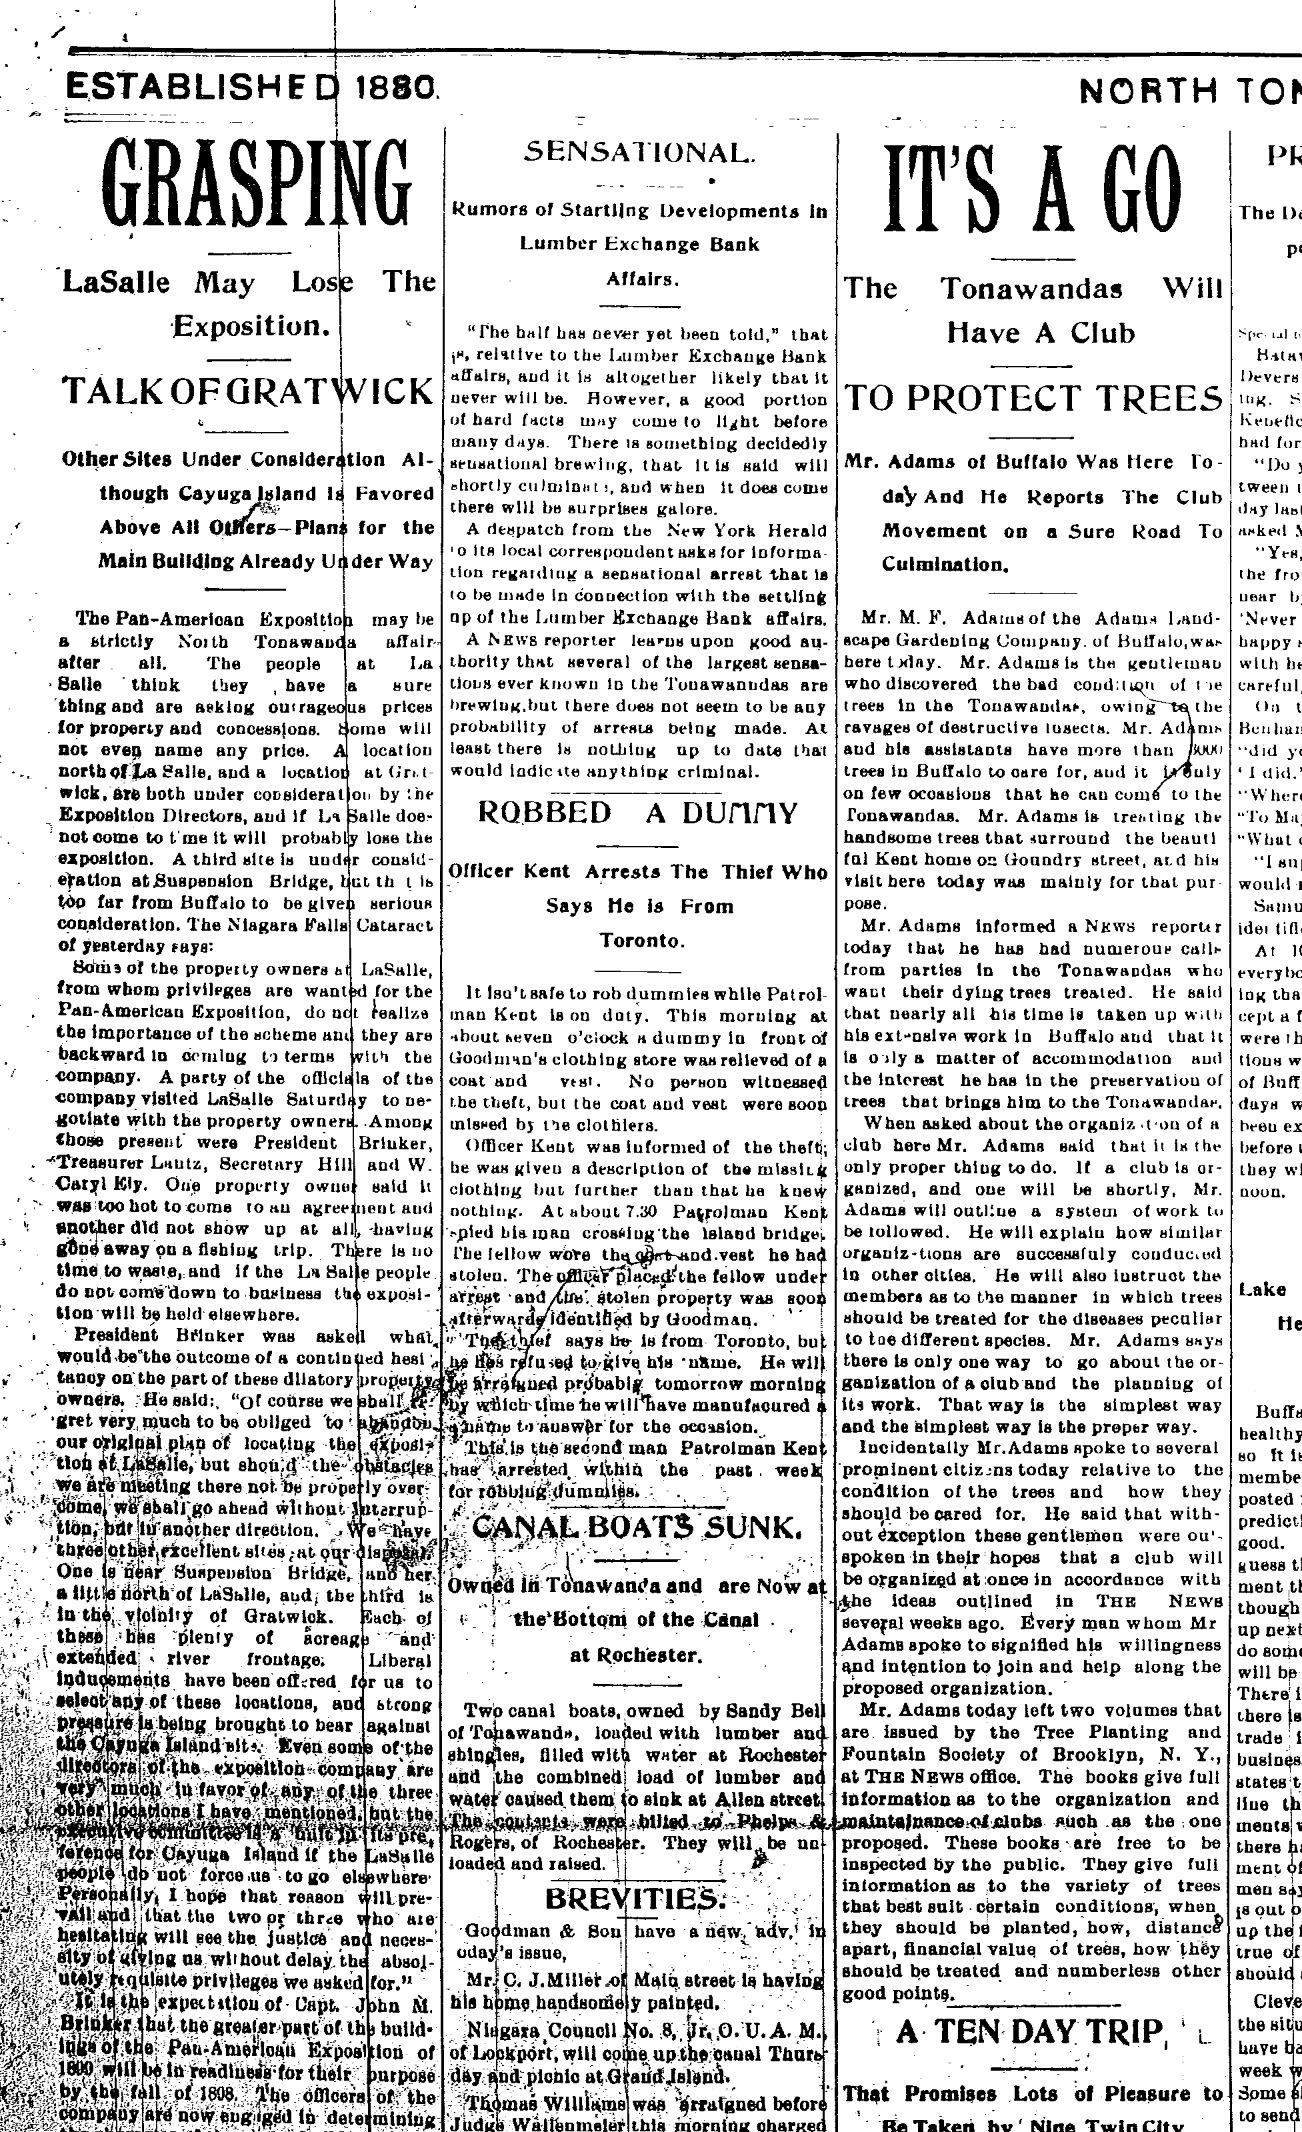 Grasping, Gratwick possible Pan-Am site, article (Tonawanda News, 1897).jpg